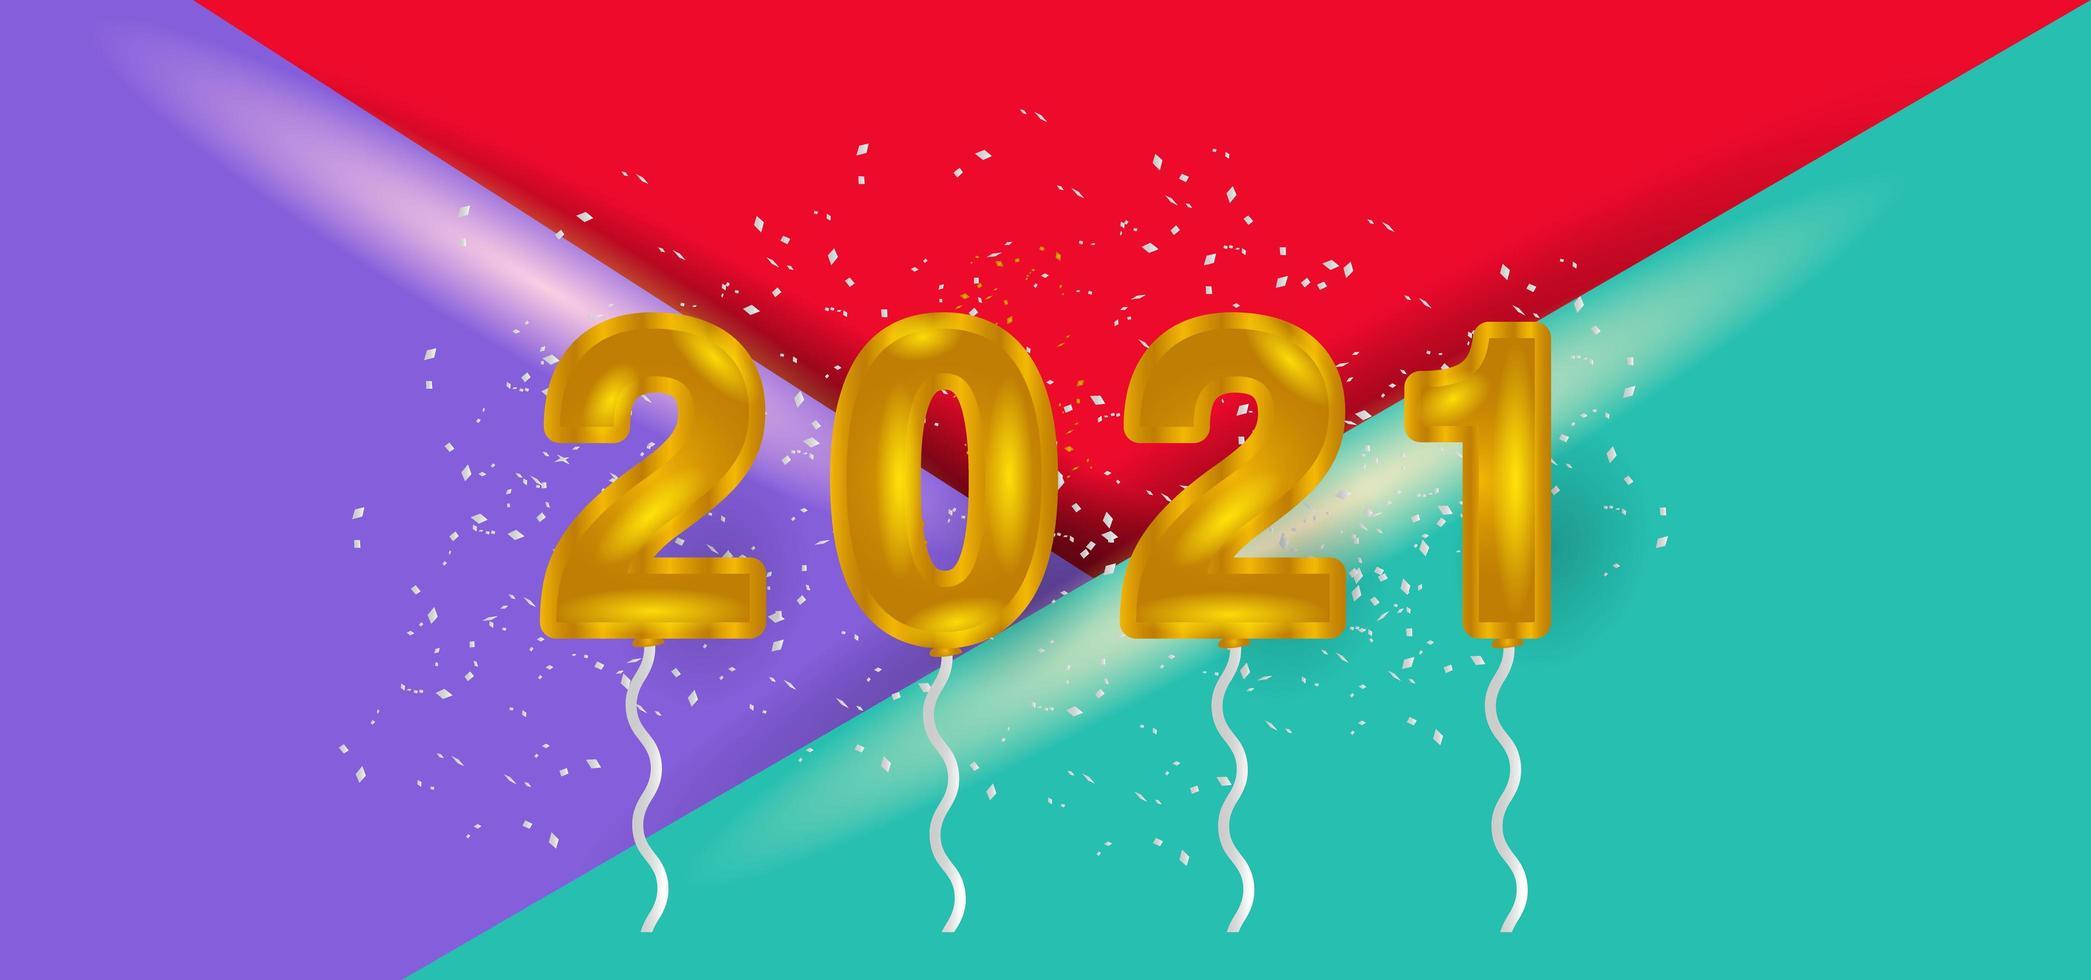 balões 2021 dourados em triângulos brilhantes coloridos vetor